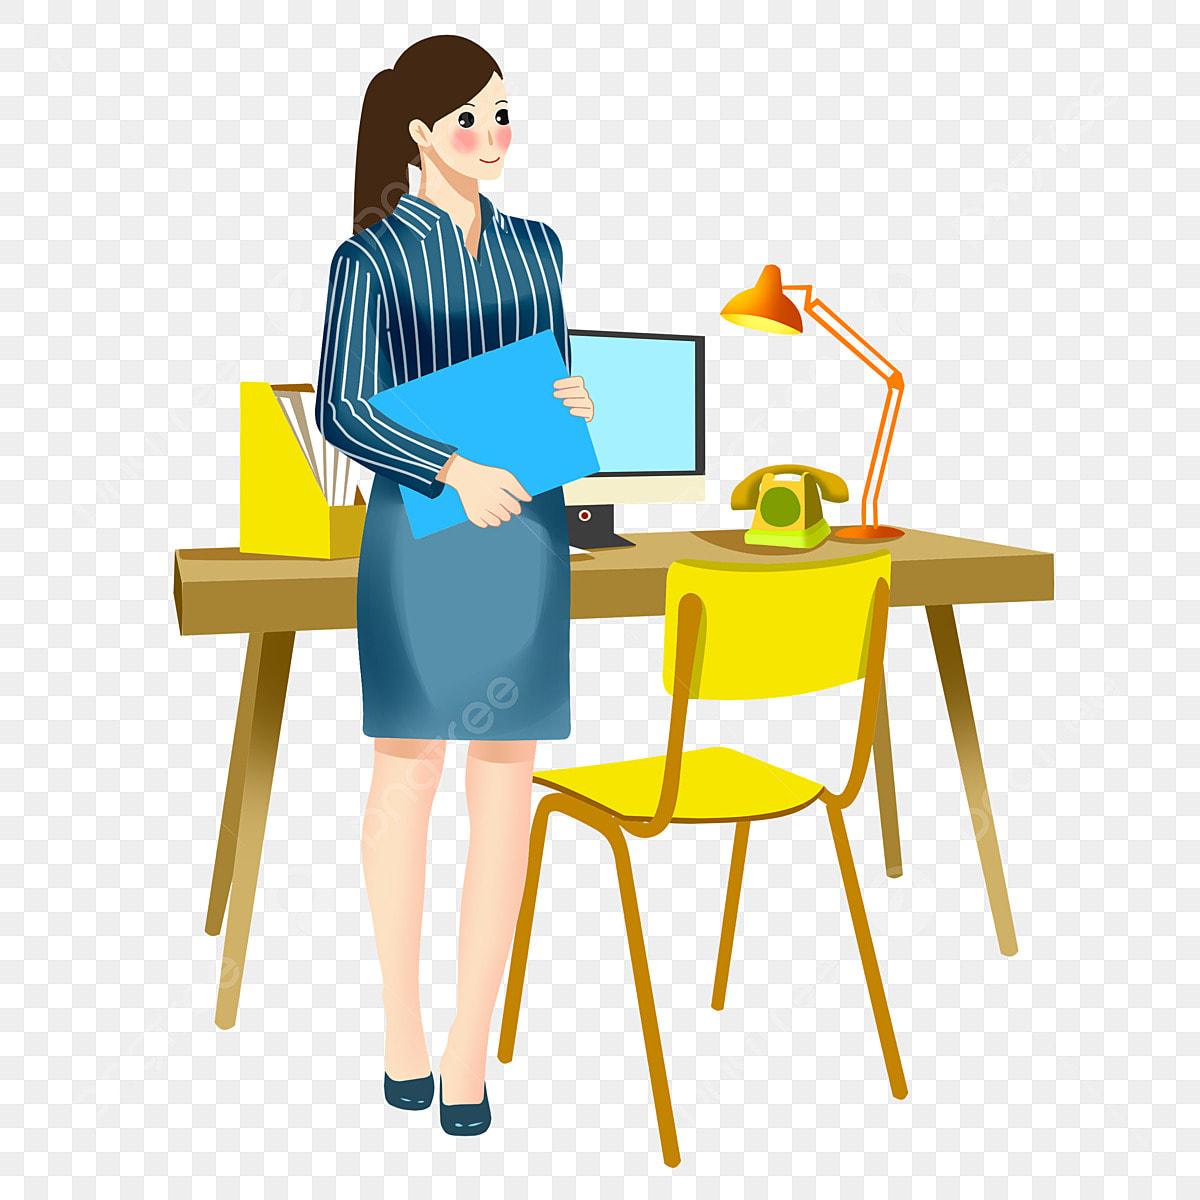 Gambar Pengambilan Pejabat Kerusi Kuning Meja Folder Biru Pengambilan Pejabat Kerusi Kuning Ilustrasi Wanita Pengambilan Png Dan Psd Untuk Muat Turun Percuma